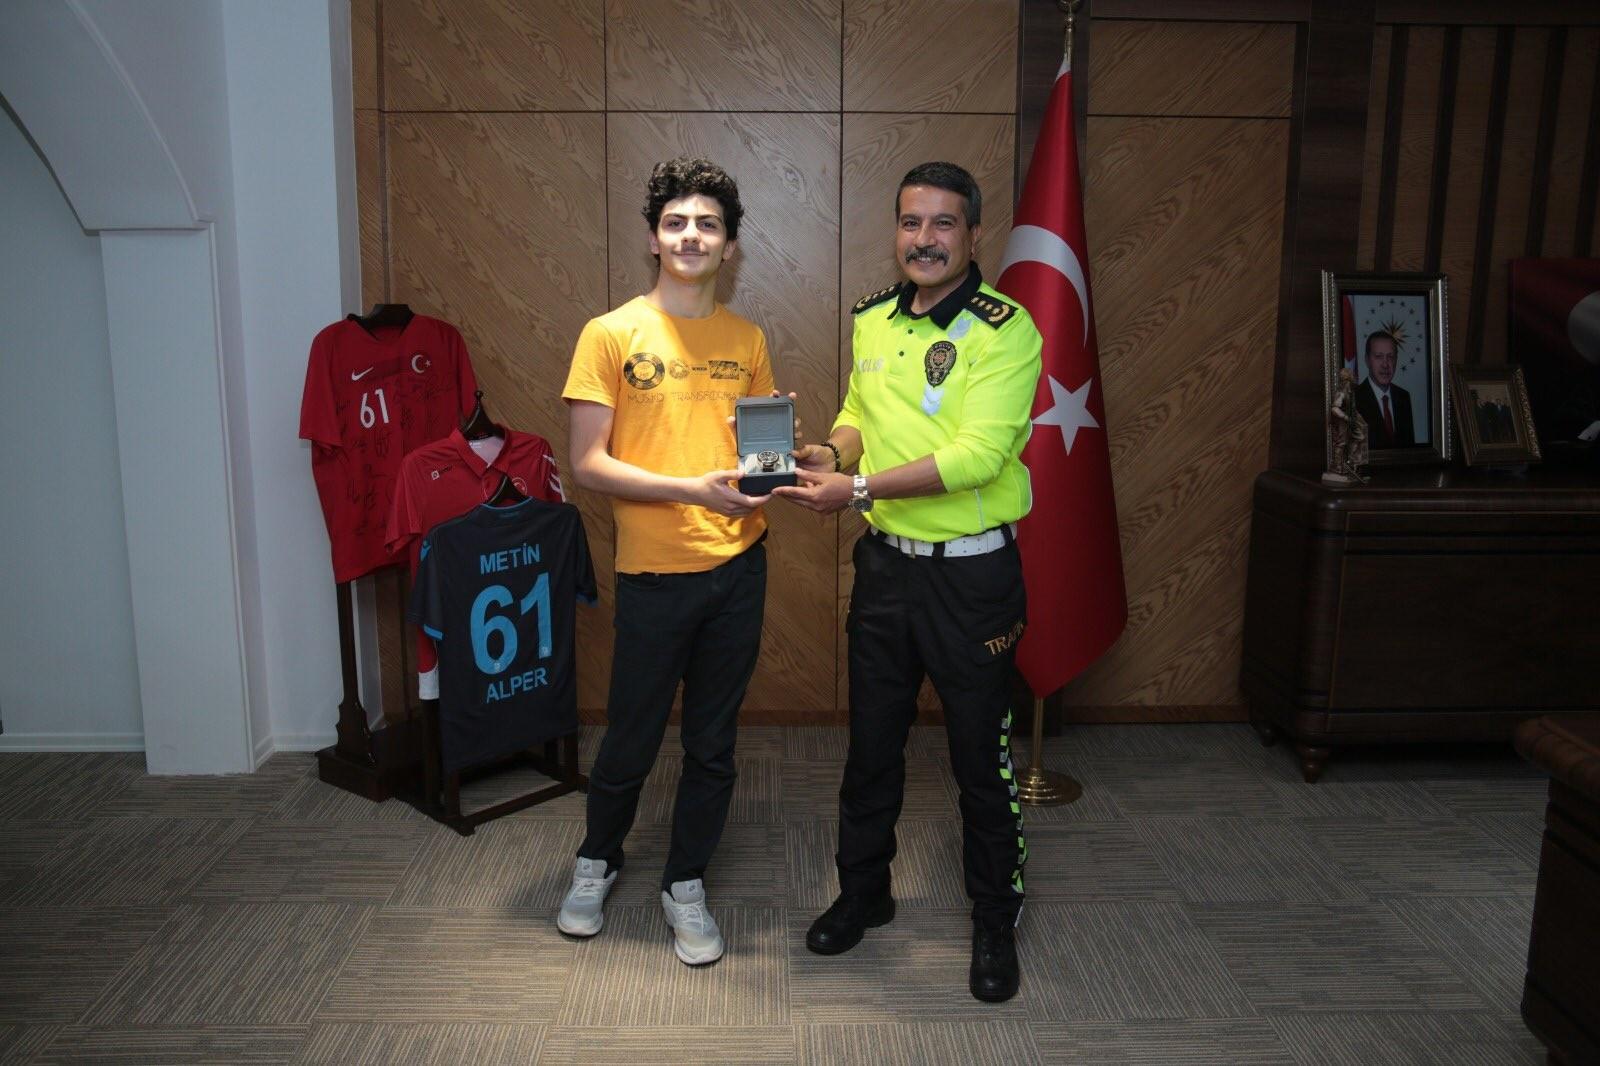 Trabzon'da yaklaşık 14 bin öğrenci arasında birinci oldu